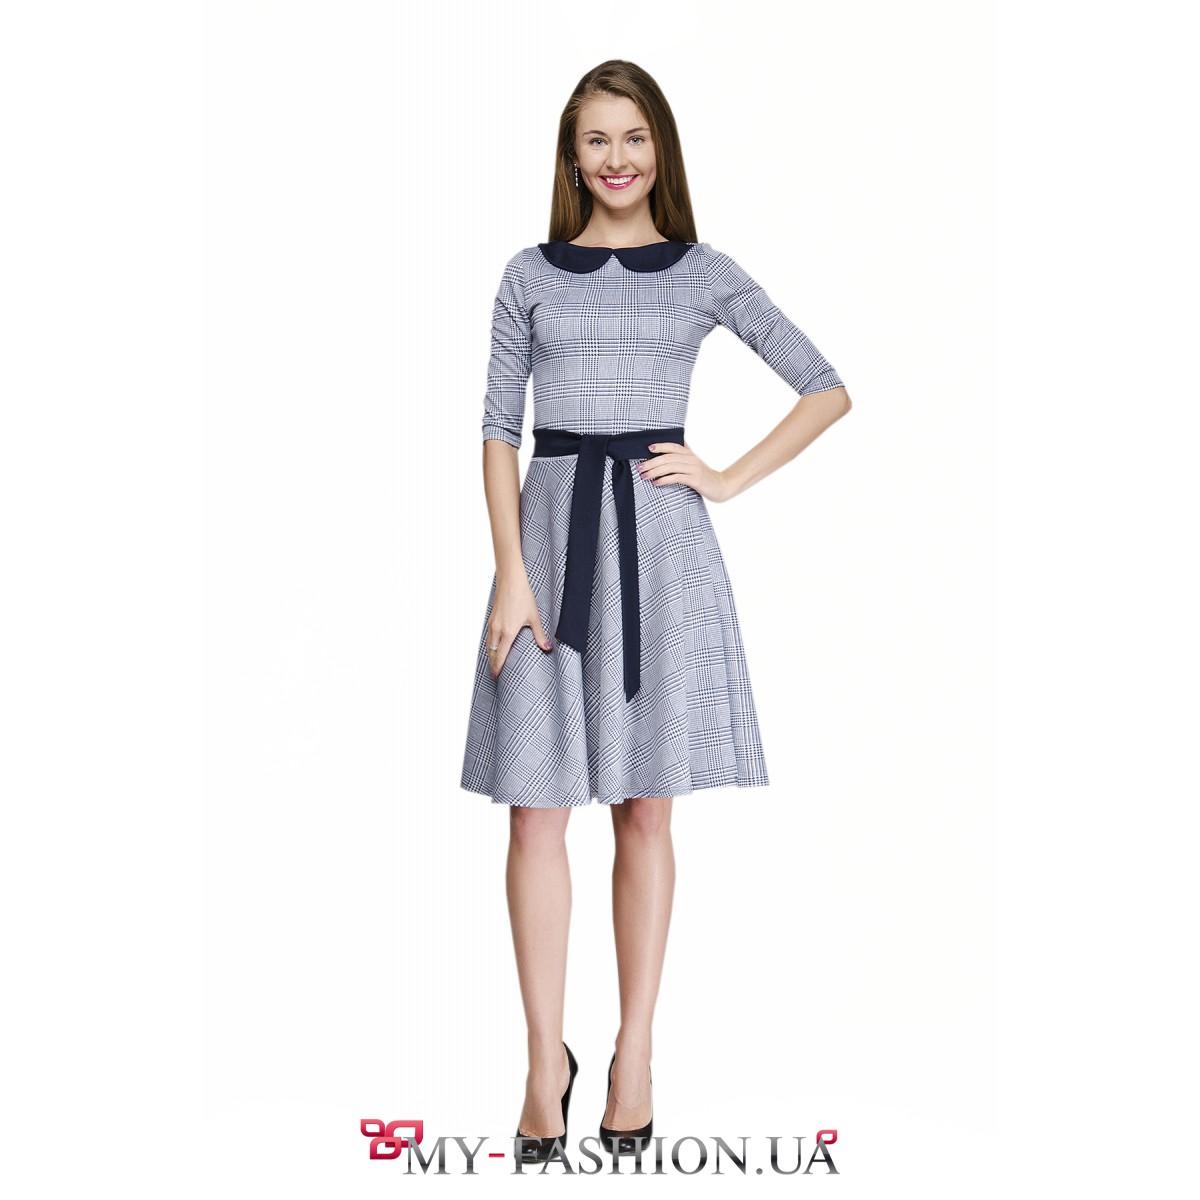 турецкие платья для полных женщин купить